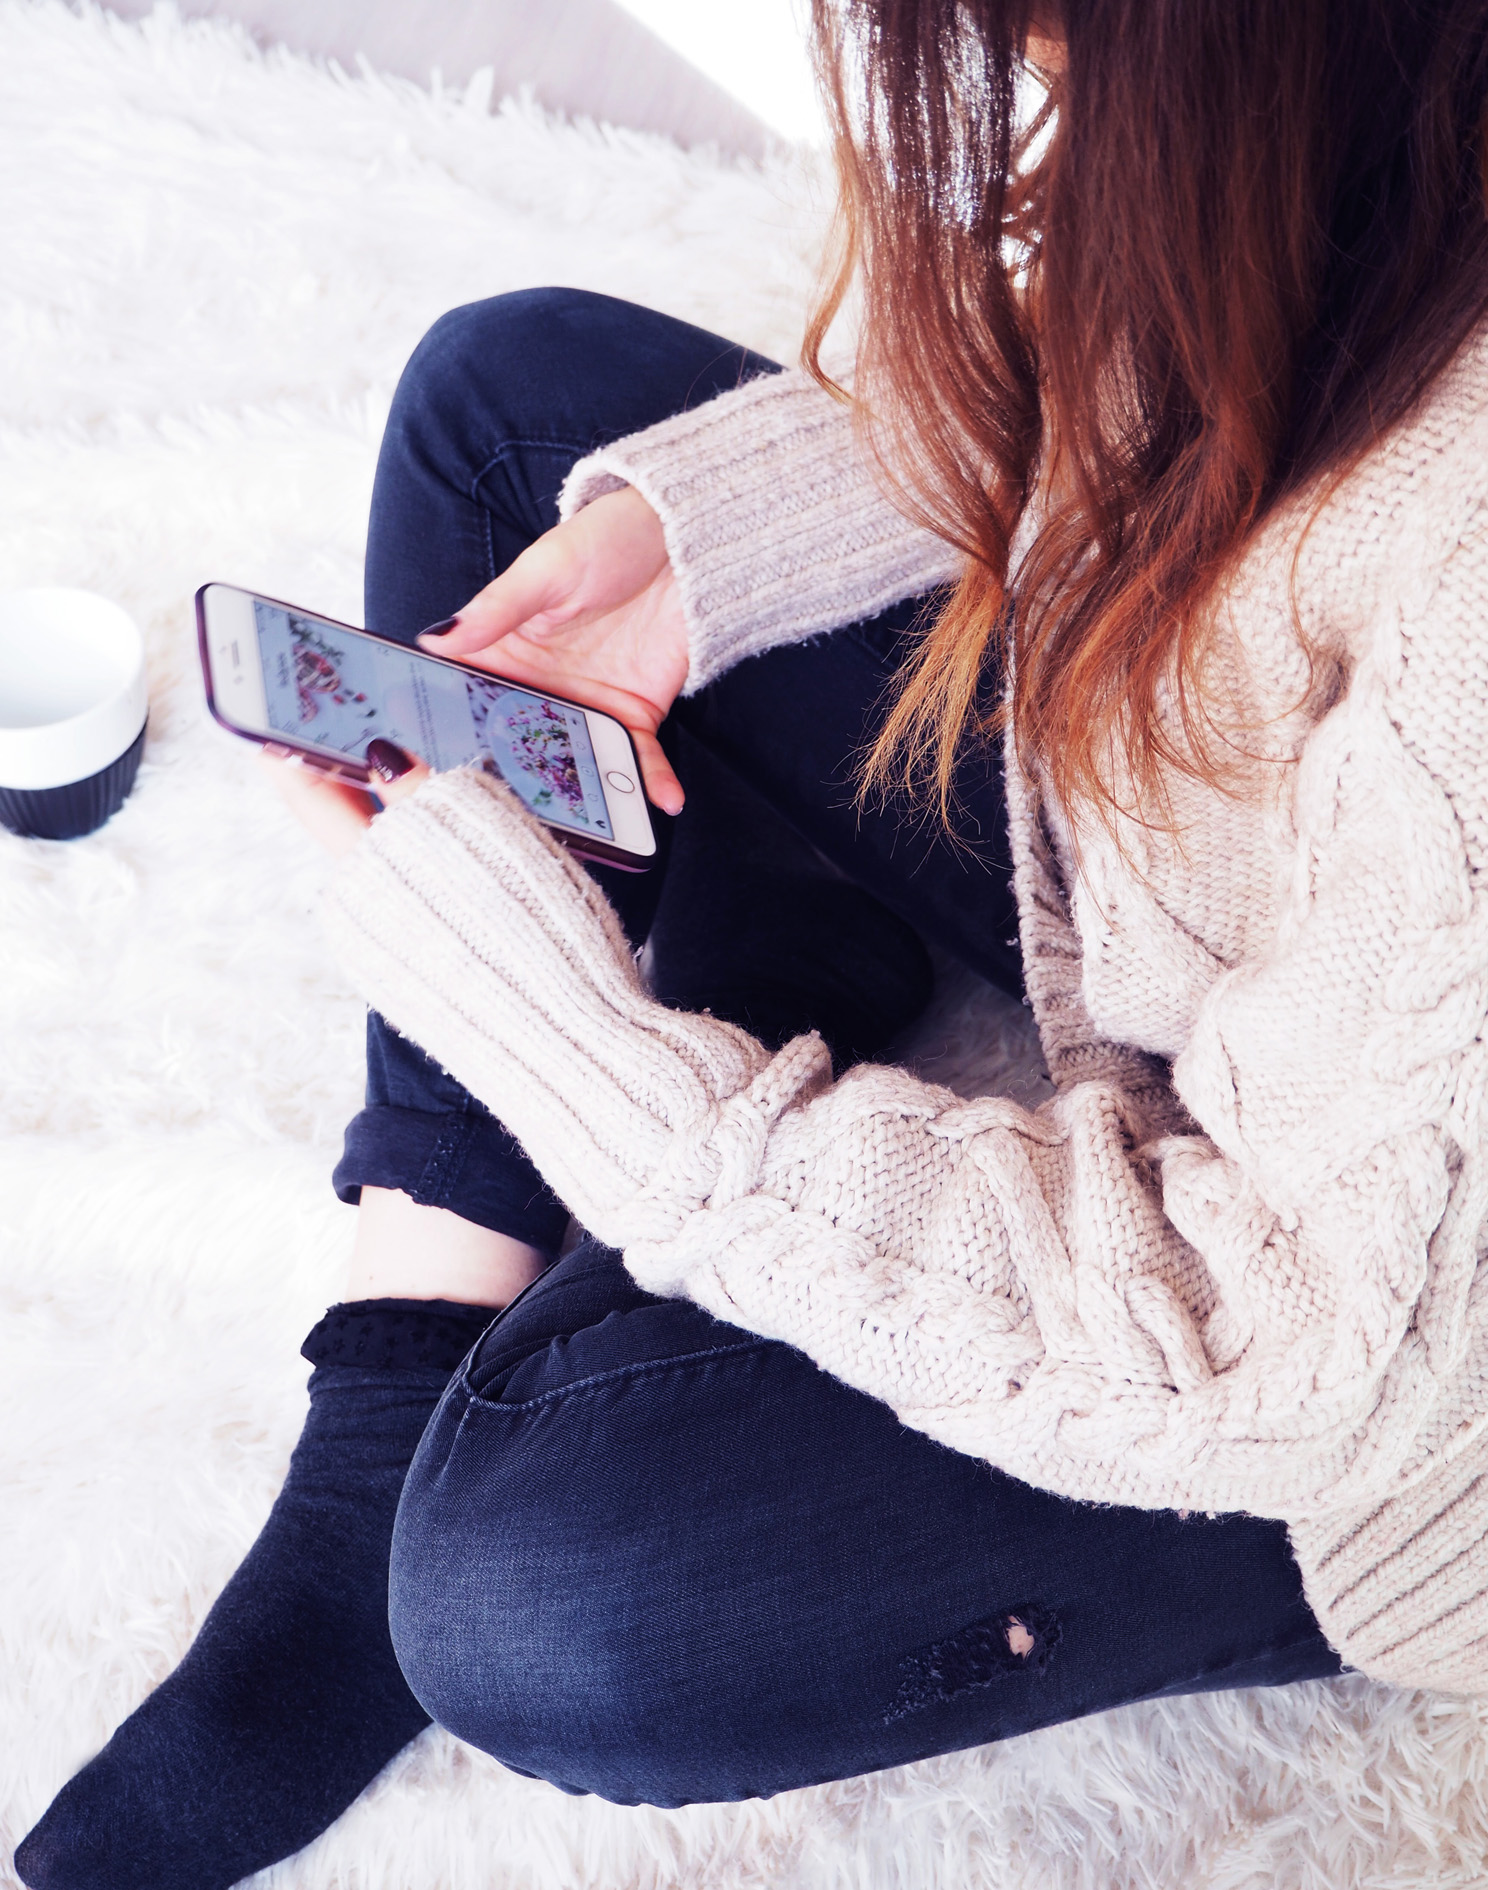 pull maille hiver instagram addict iPhone apple réseaux sociaux connecte blog logeuse blogger france doubs valentigney designer textile hem only calzedonia